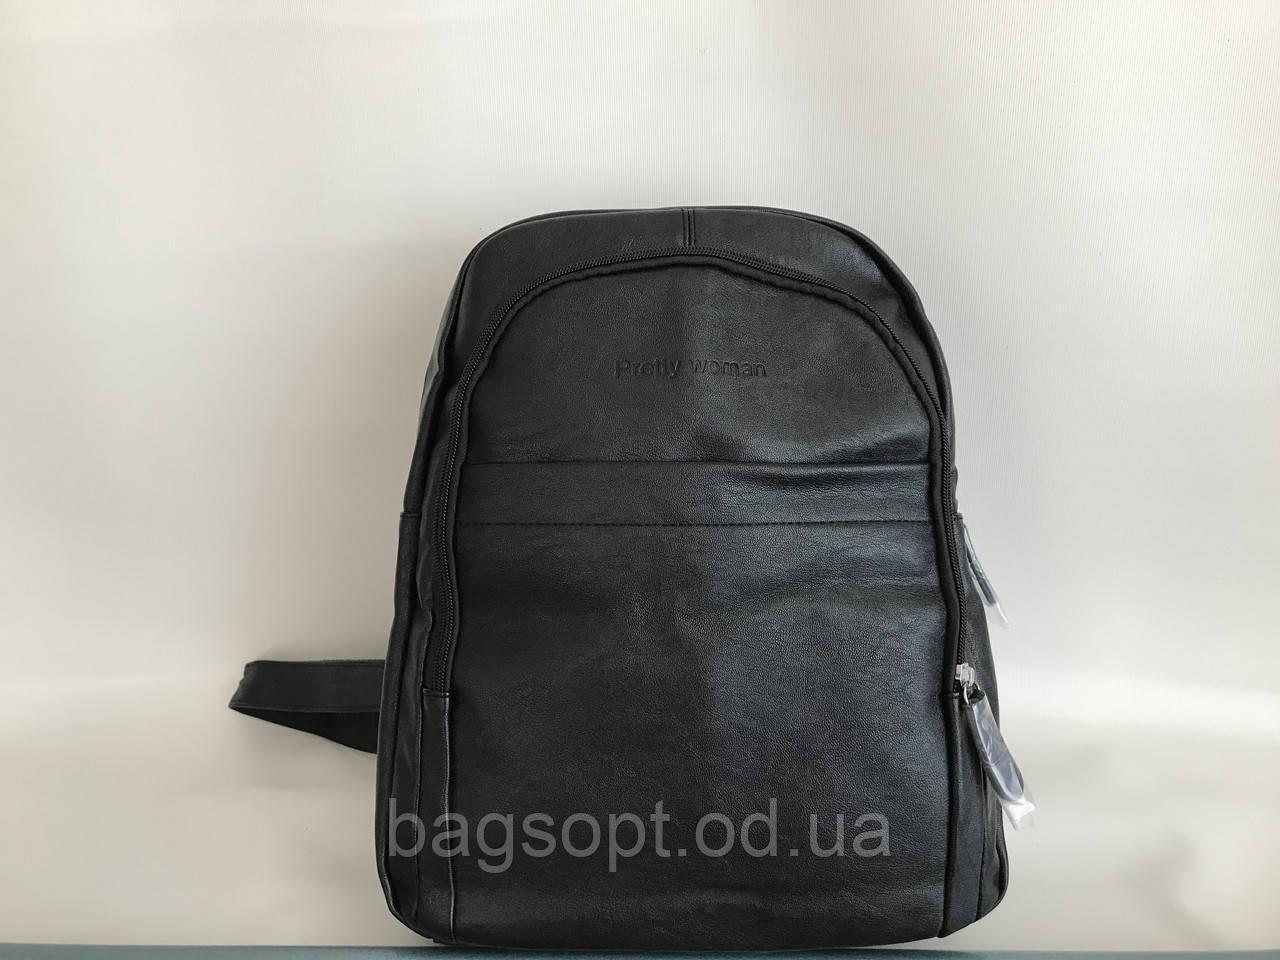 Черный рюкзак молодежный из экокожи Pretty Woman Одесса 7 км